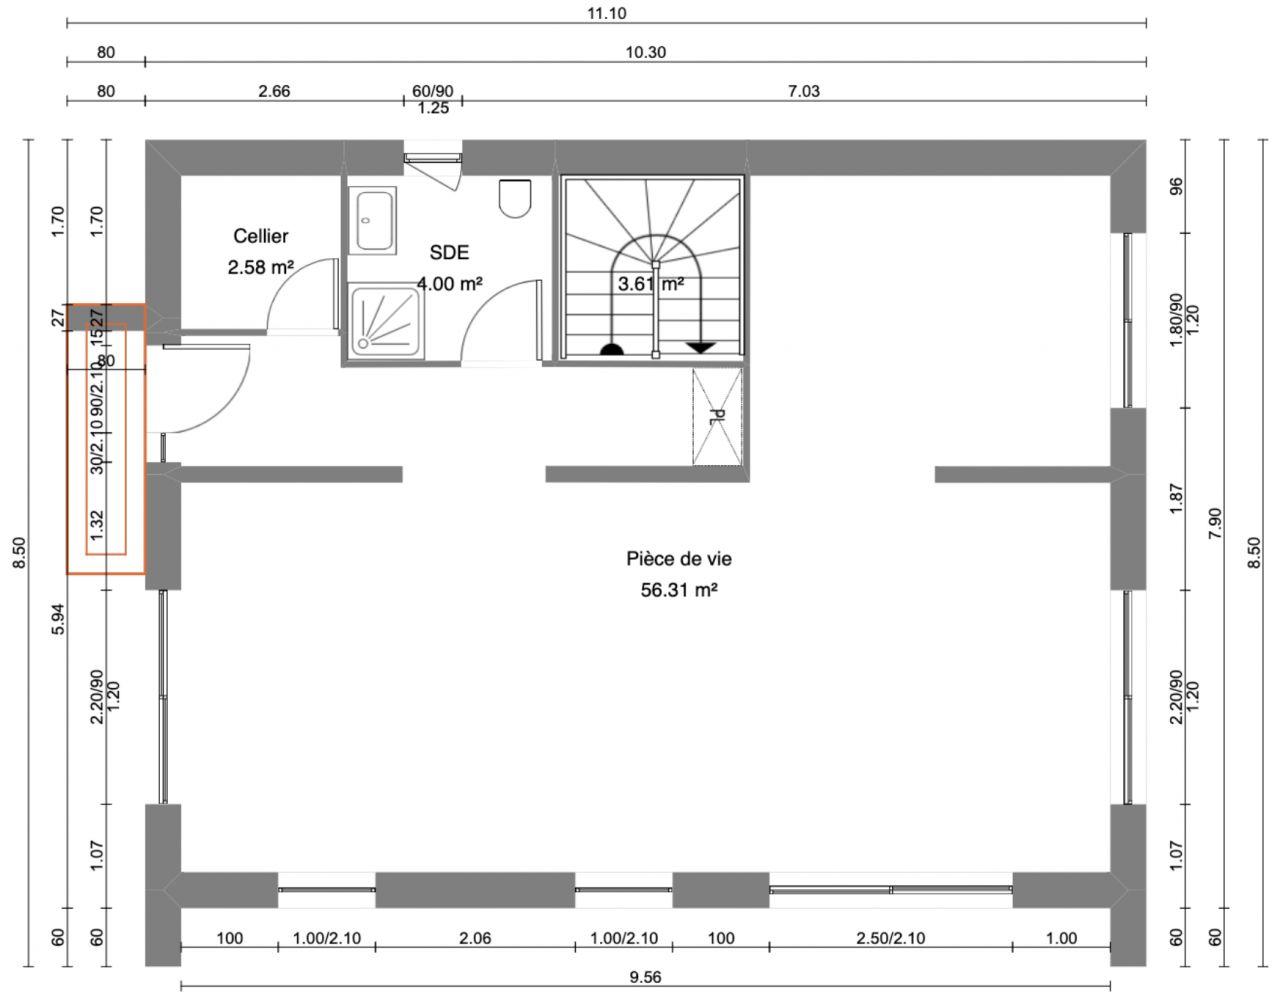 Plan RDC - Proposition du constructeur